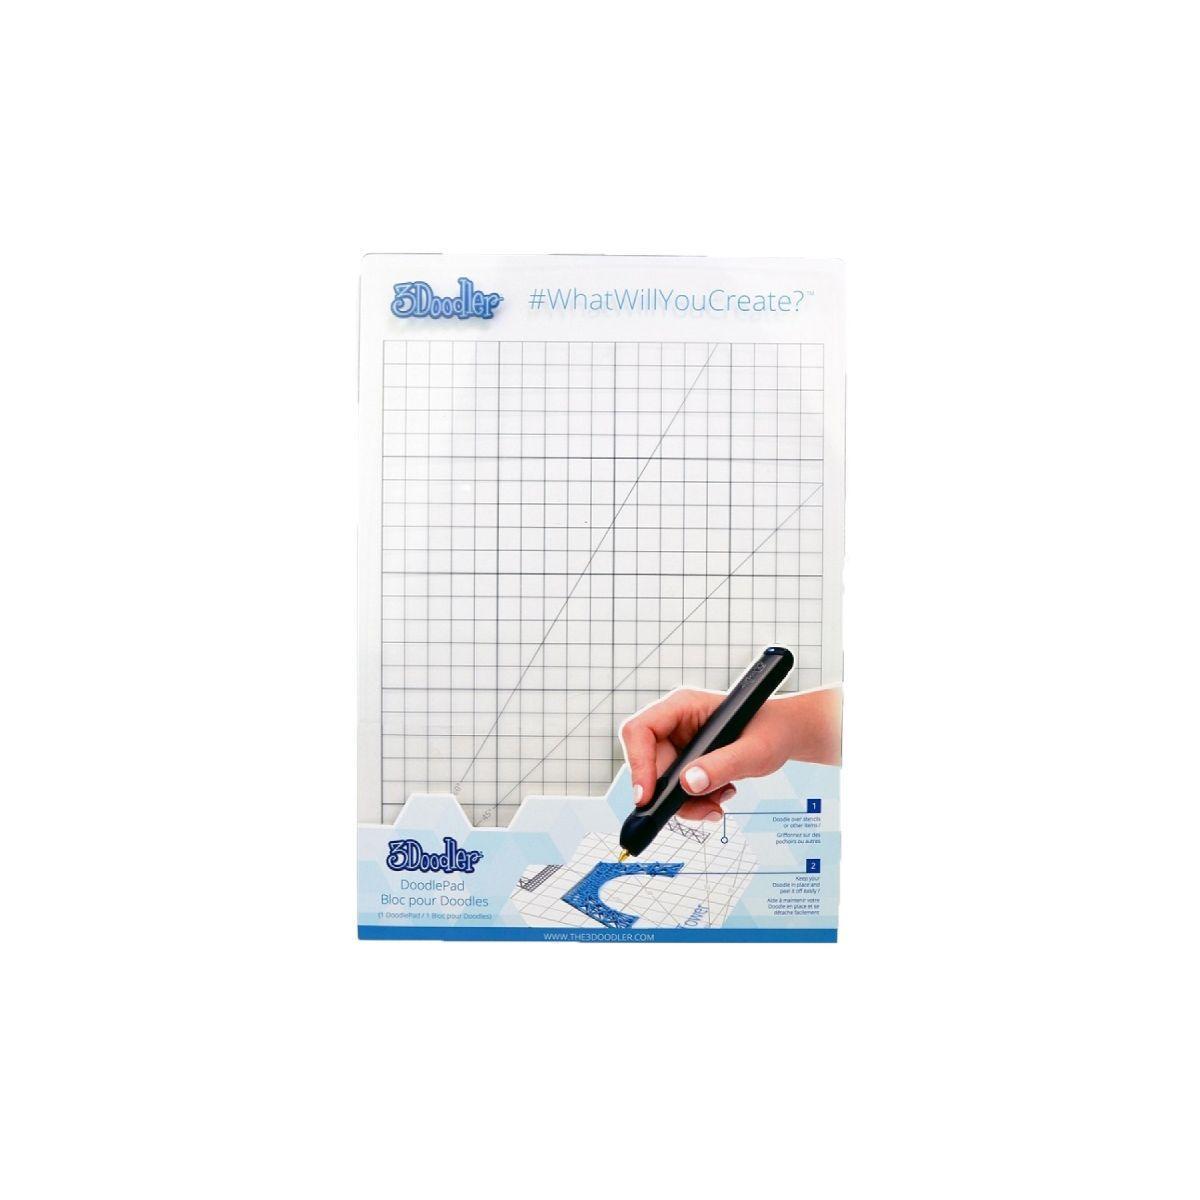 Accessoire stylo 3d 3doodler doodle pad create - 2% de remise imm�diate avec le code : school2 (photo)